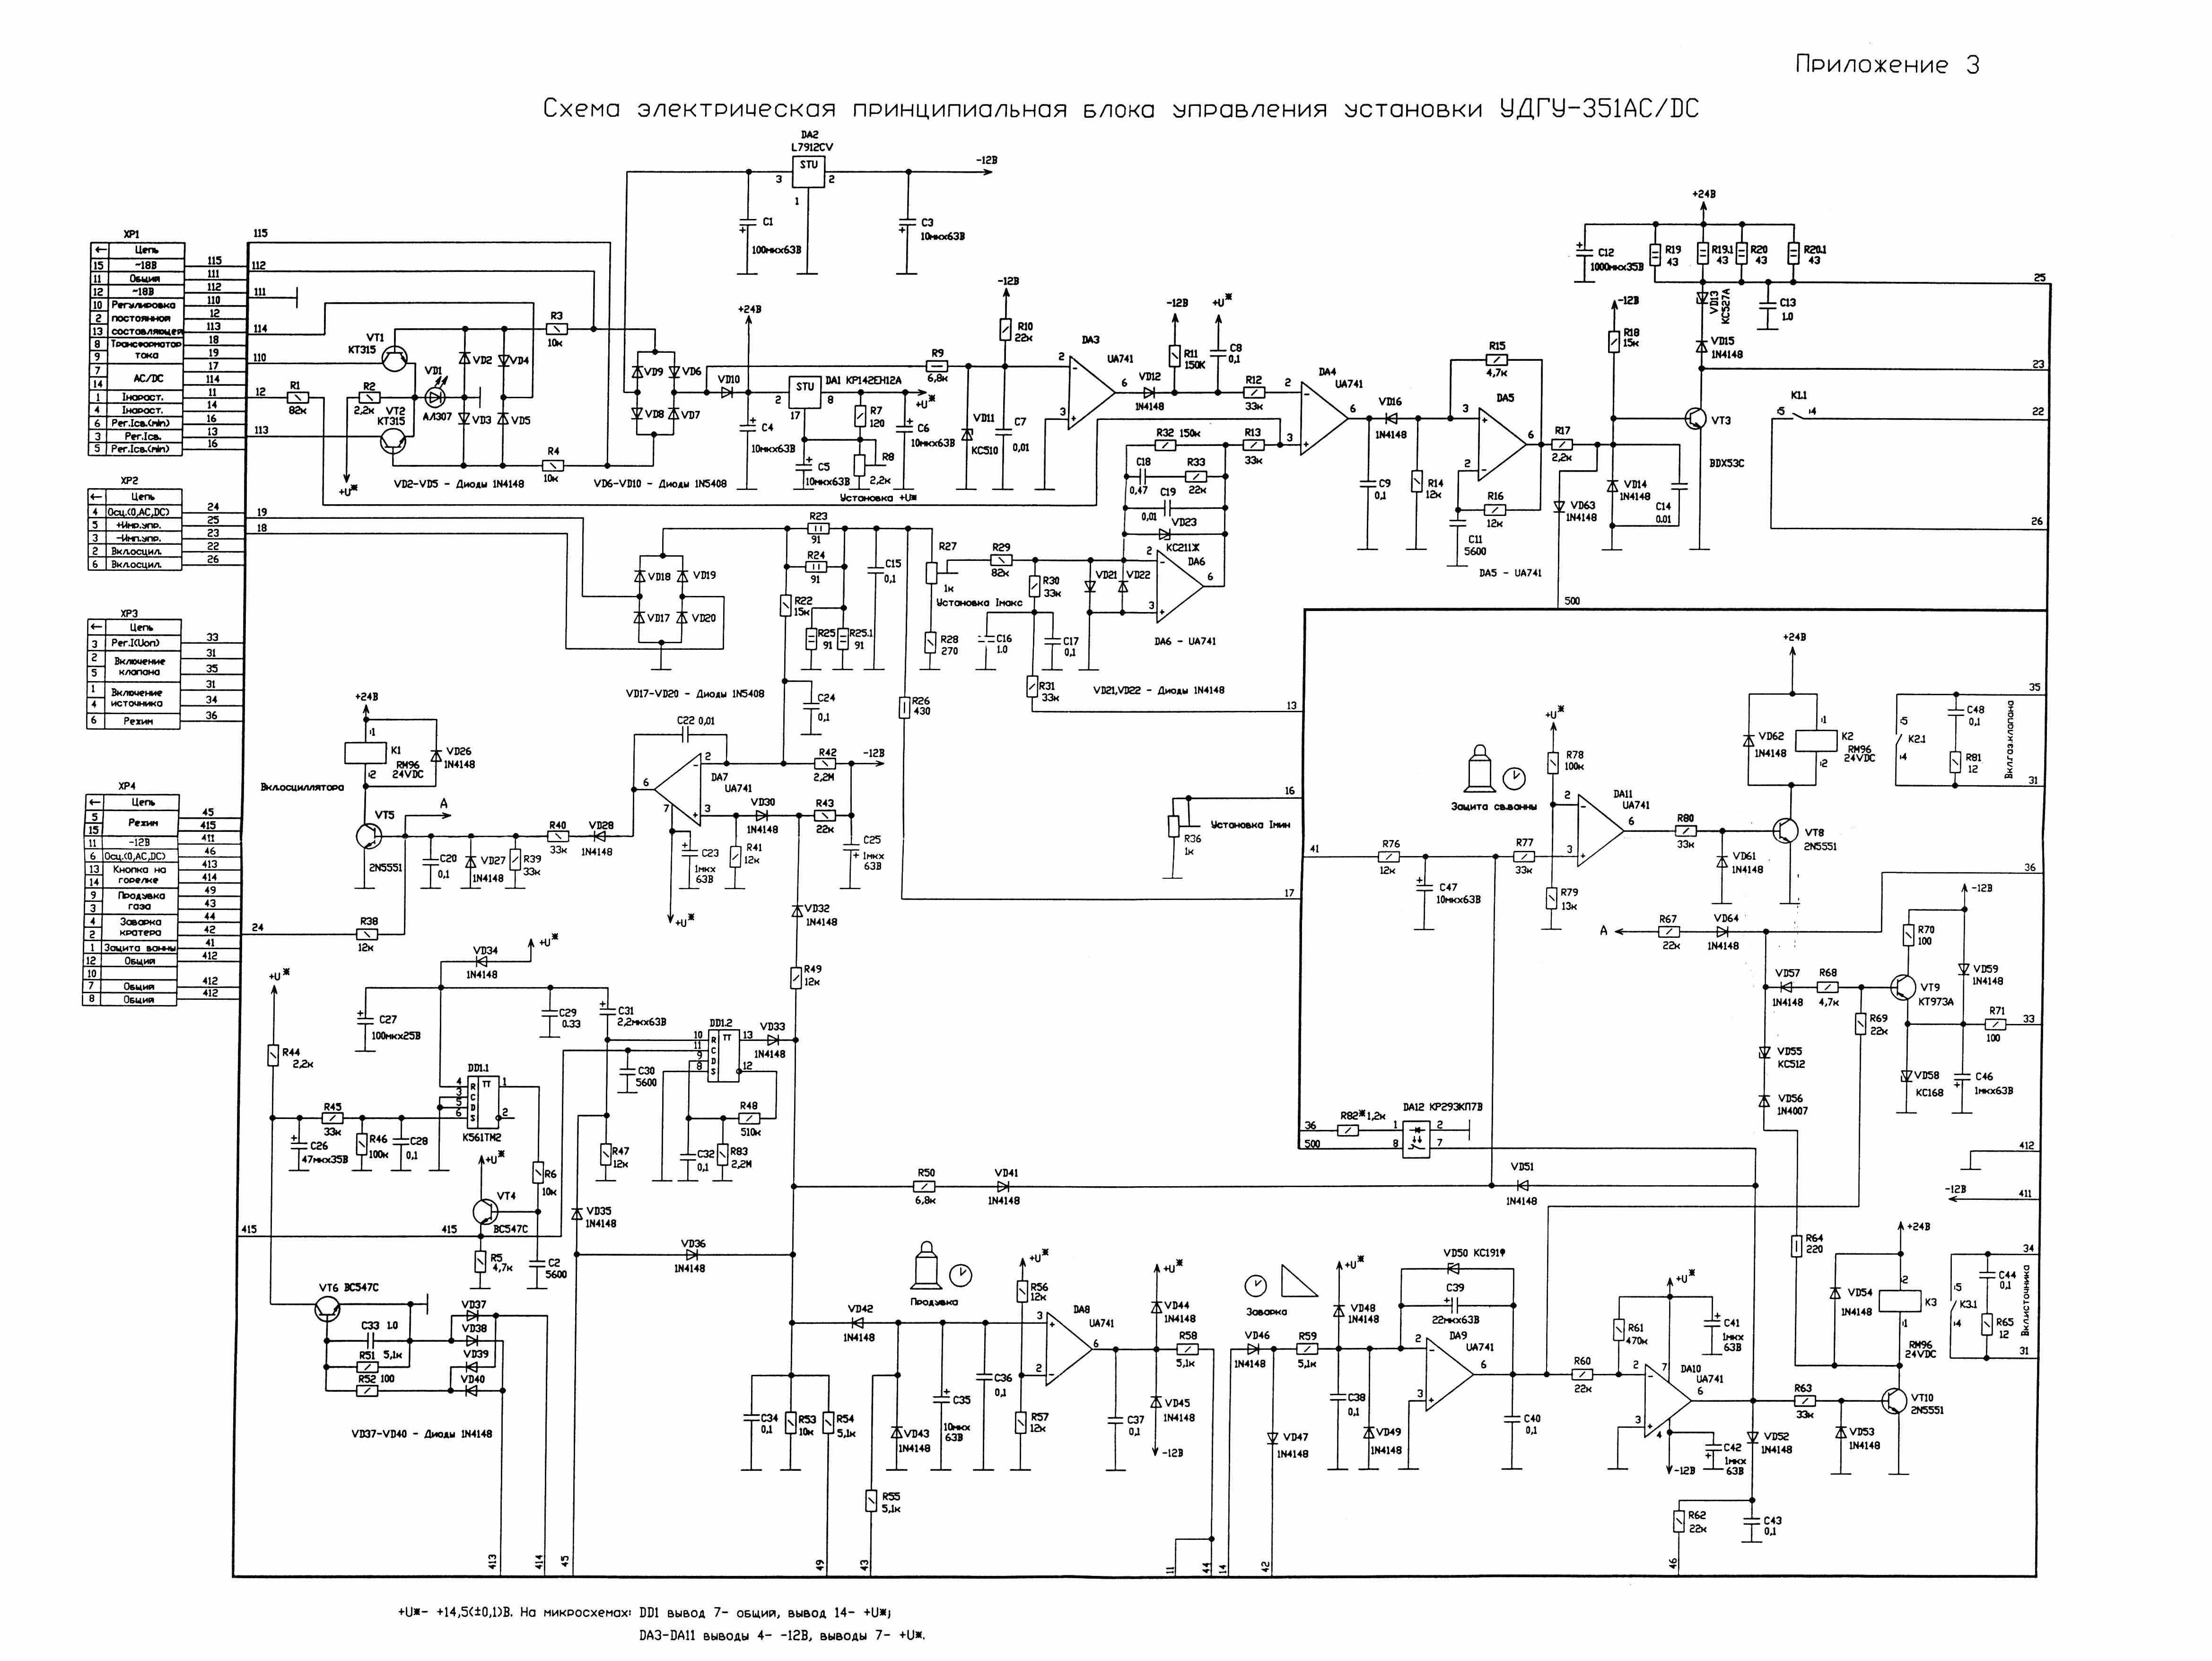 Сварочный аппарат селма схема